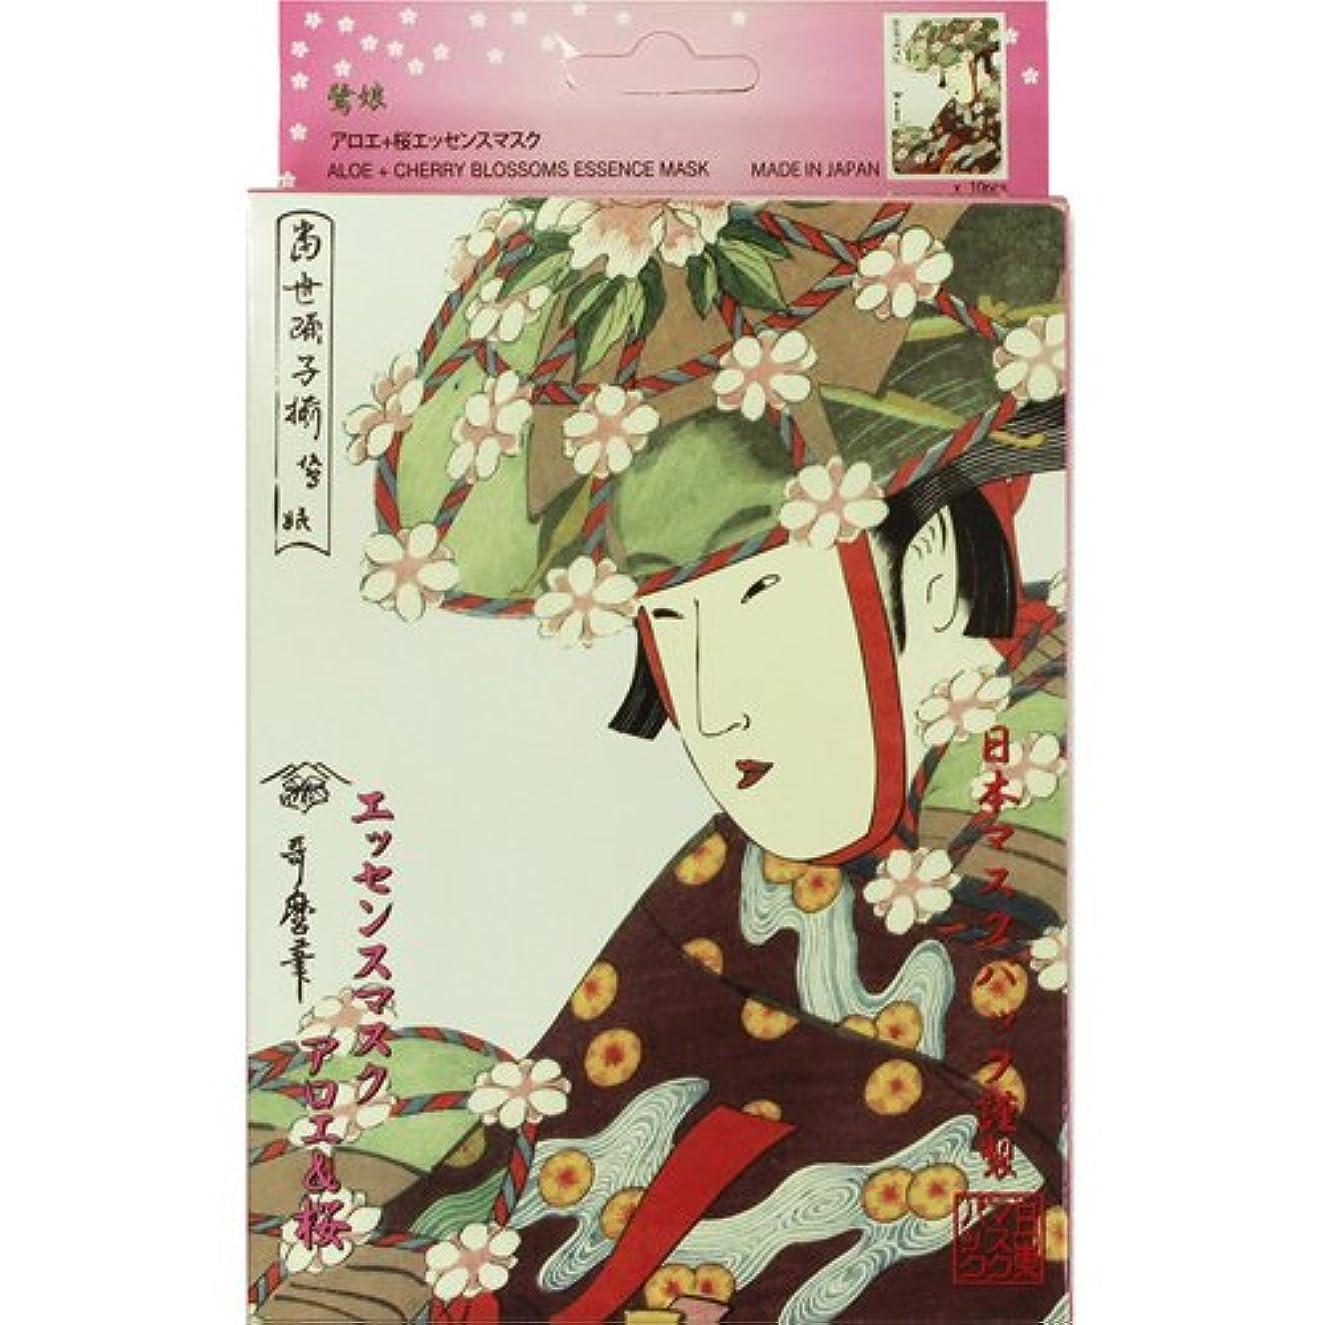 望む壮大ファブリックエッセンスマスク アロエ+桜10枚